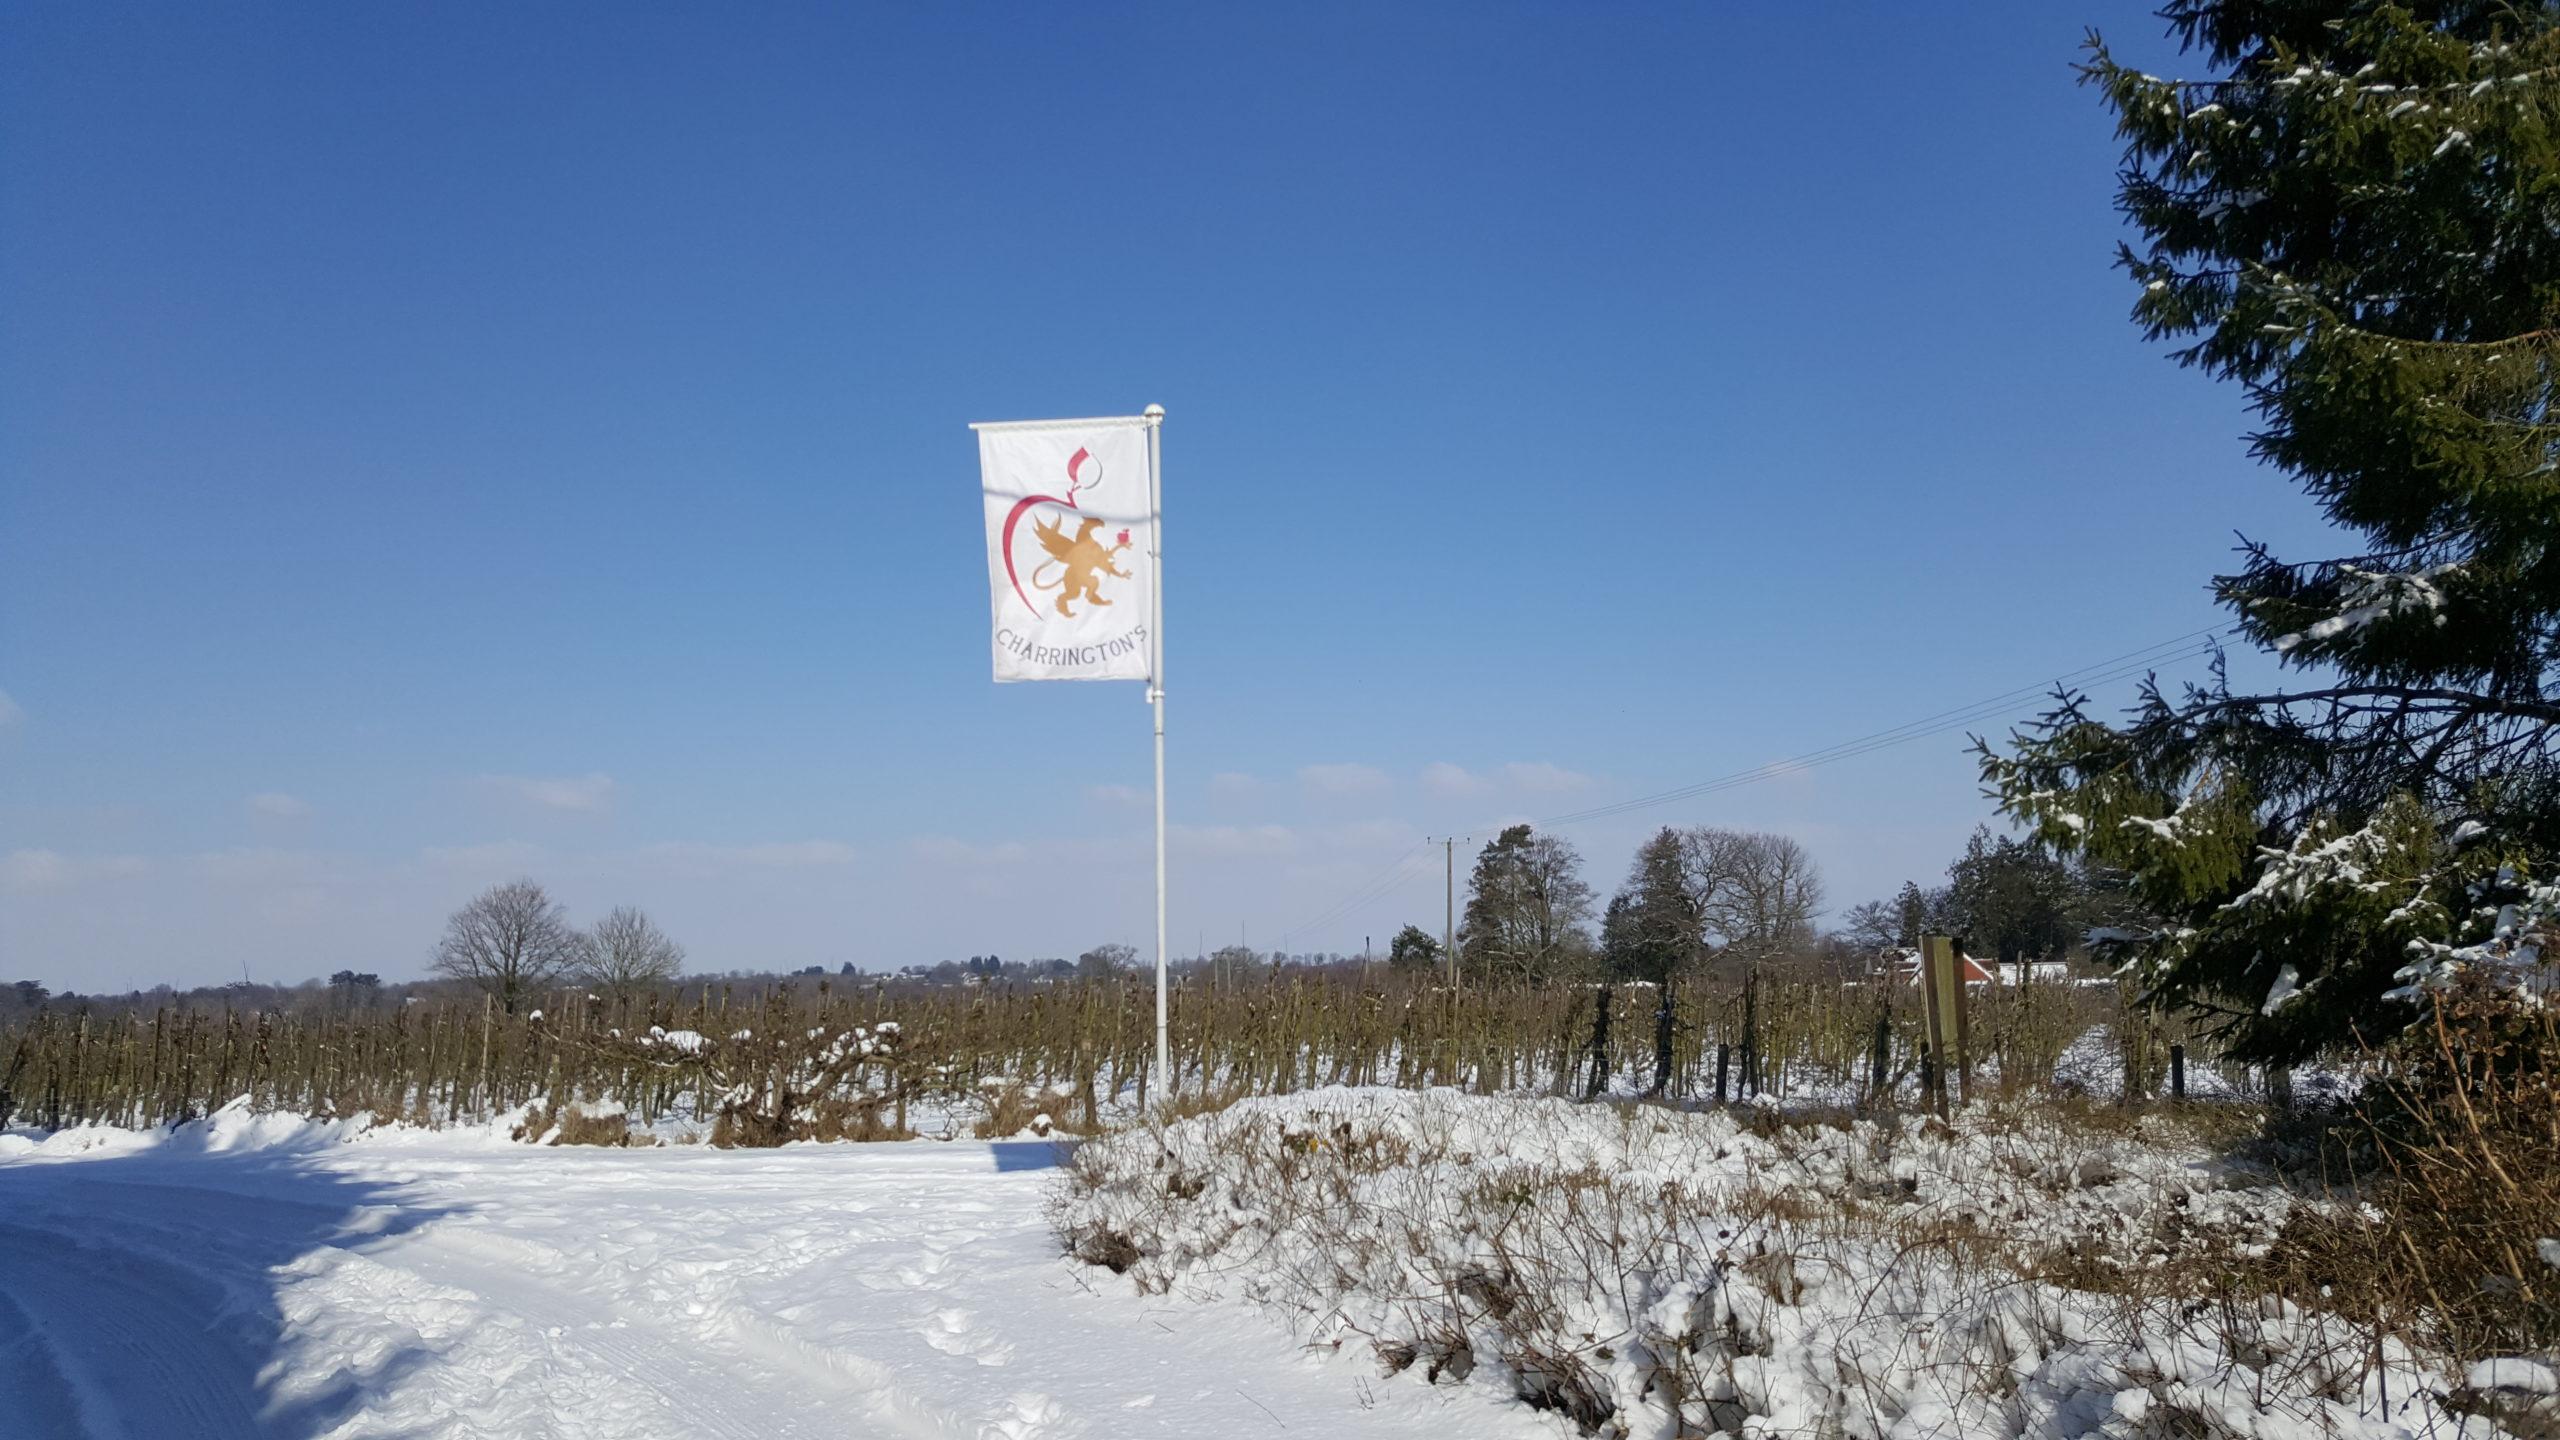 Charrington's flag in snow